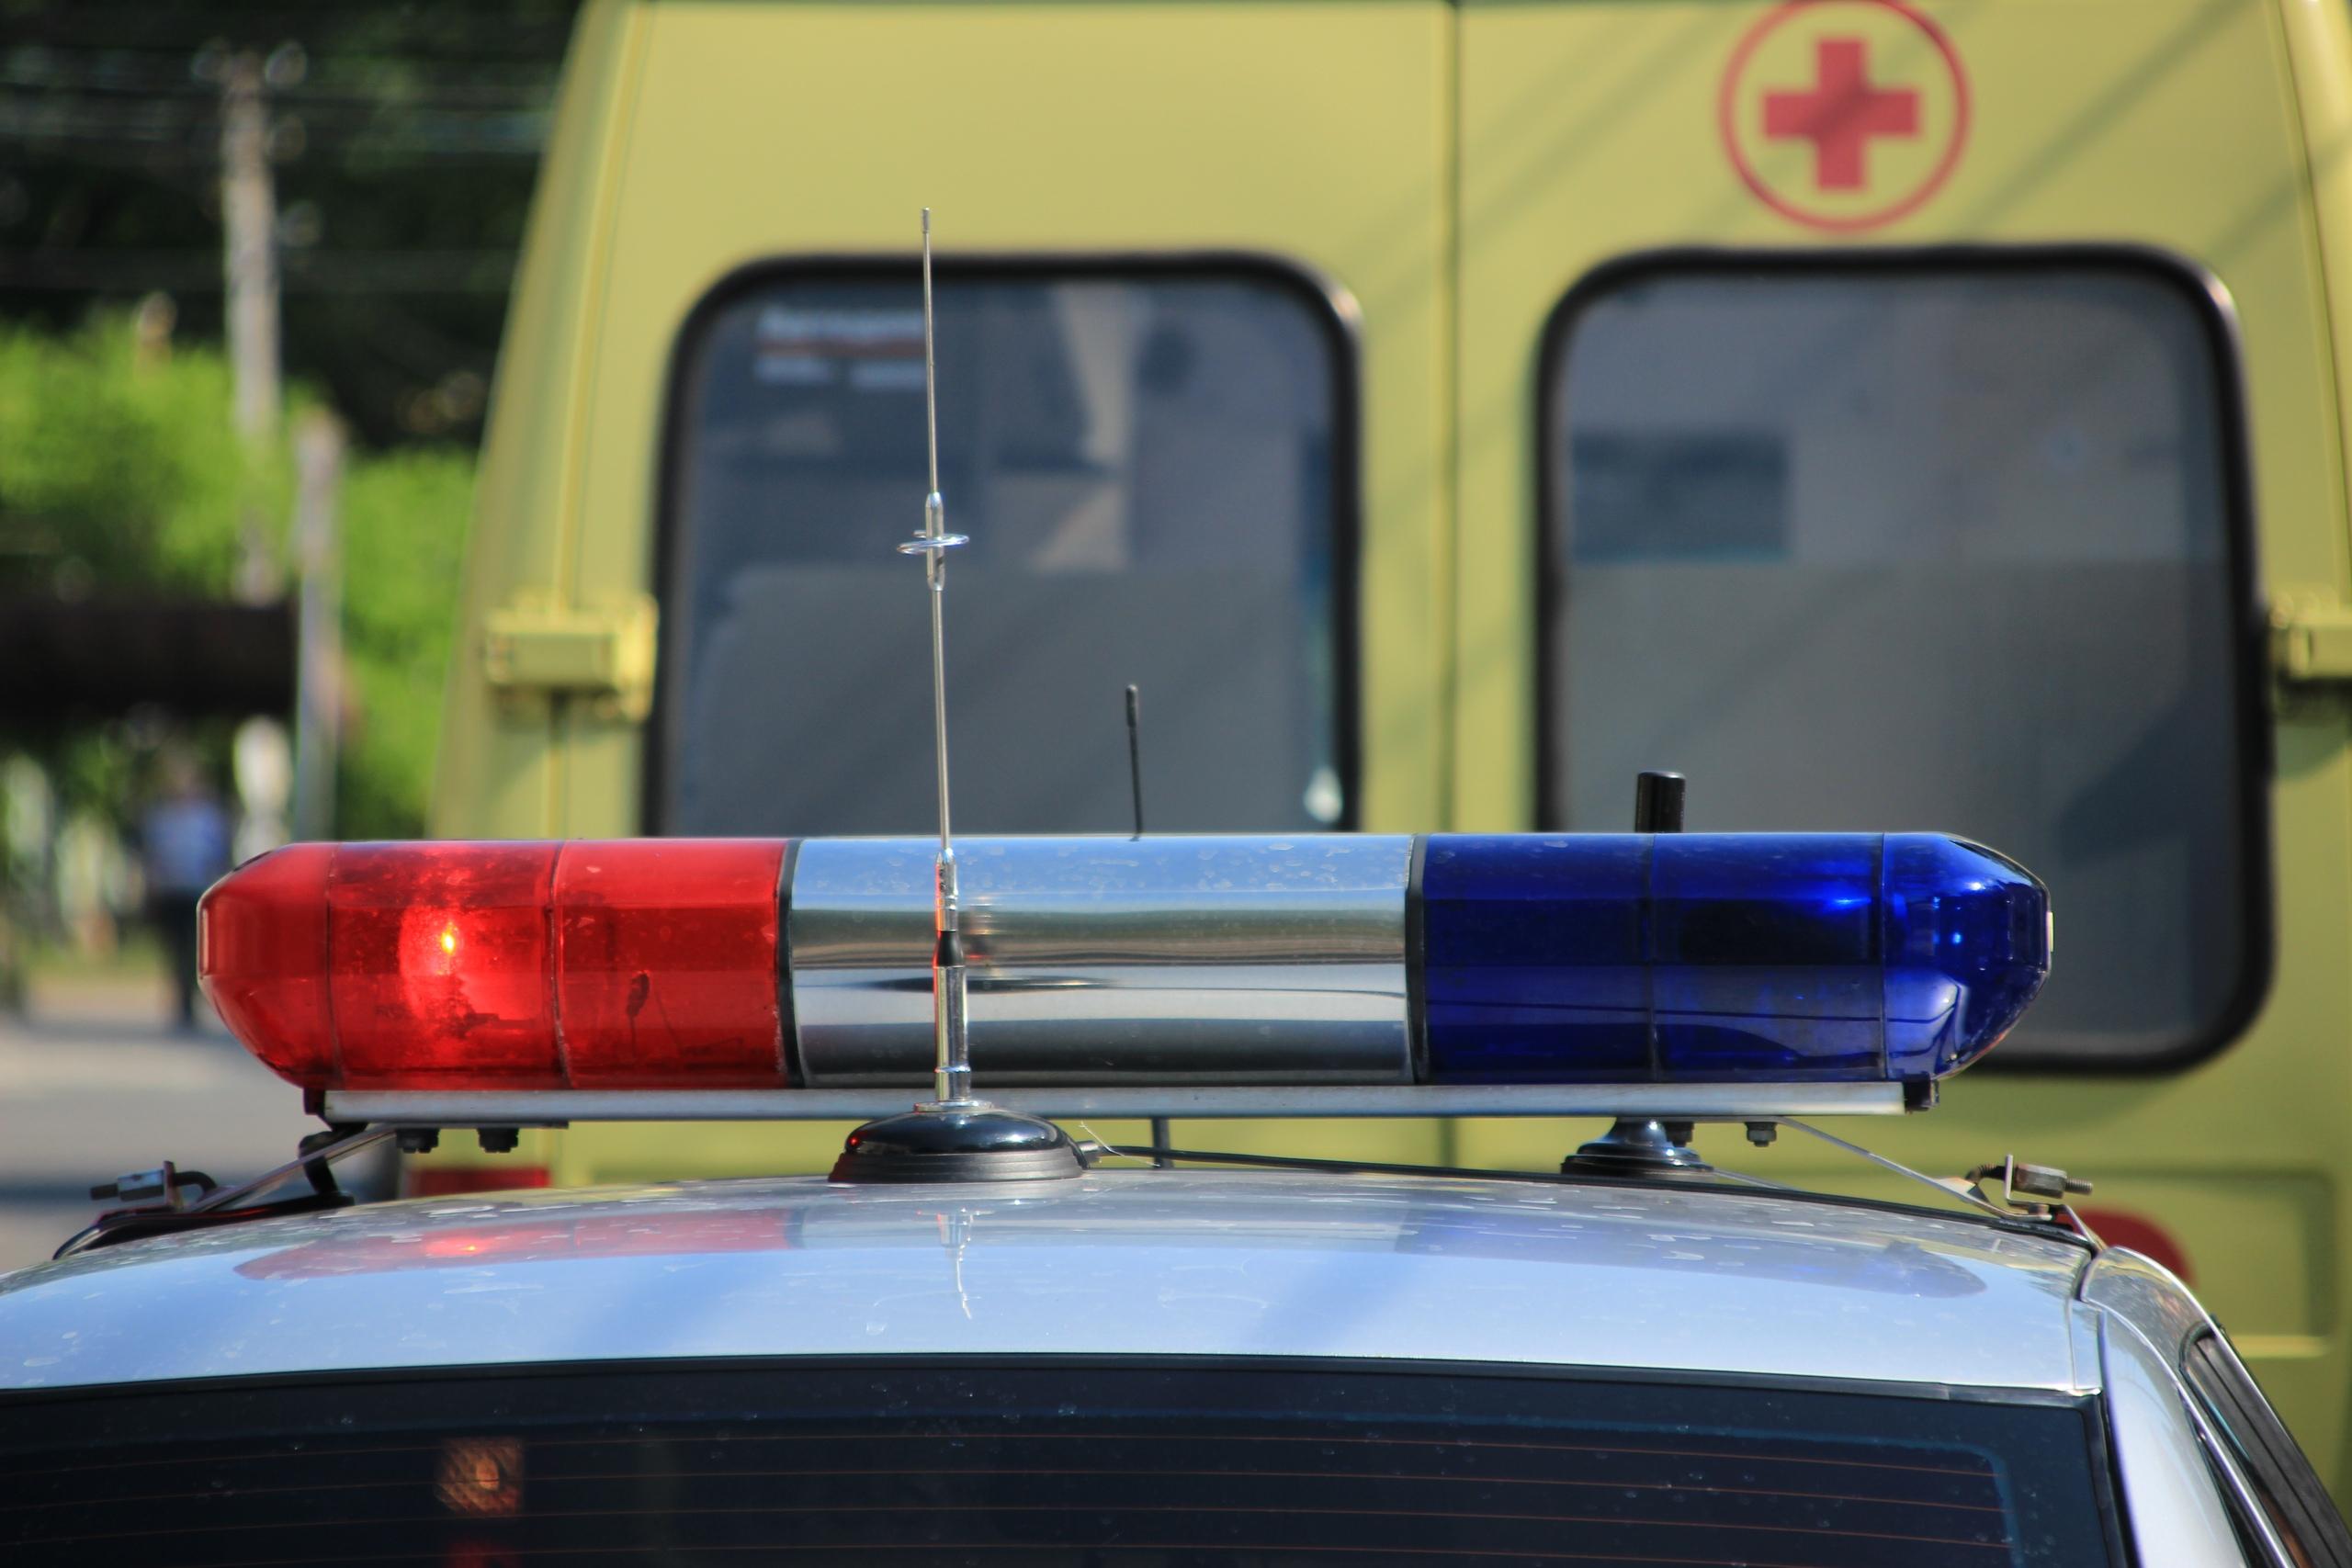 Один человек погиб и один получил травмы в лобовом столкновении двух машин под Калязином - новости Афанасий